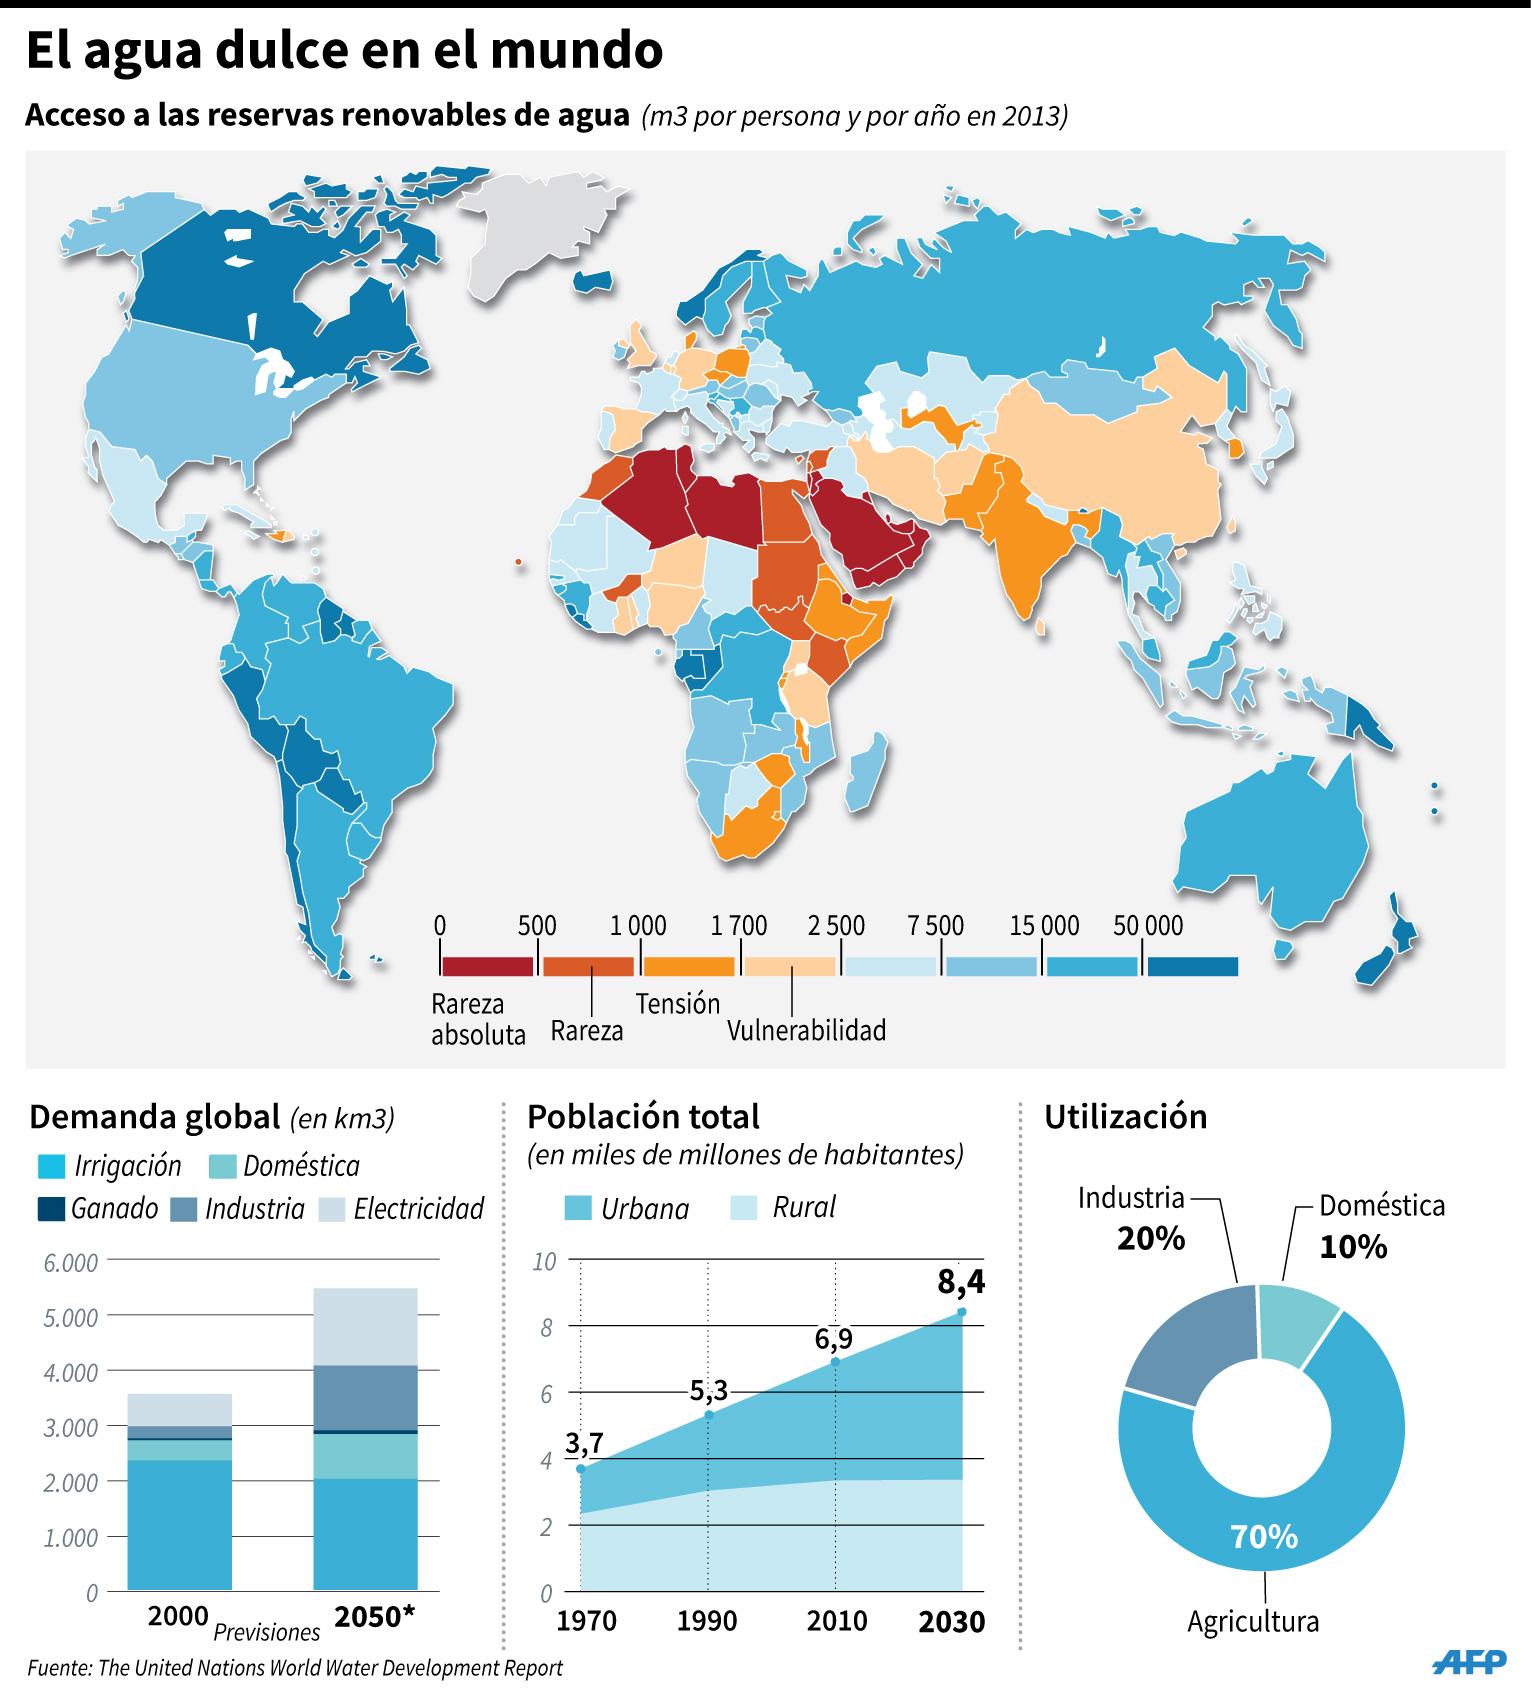 Un planeta sediento urge gestión sostenible del agua, advierte la ONU